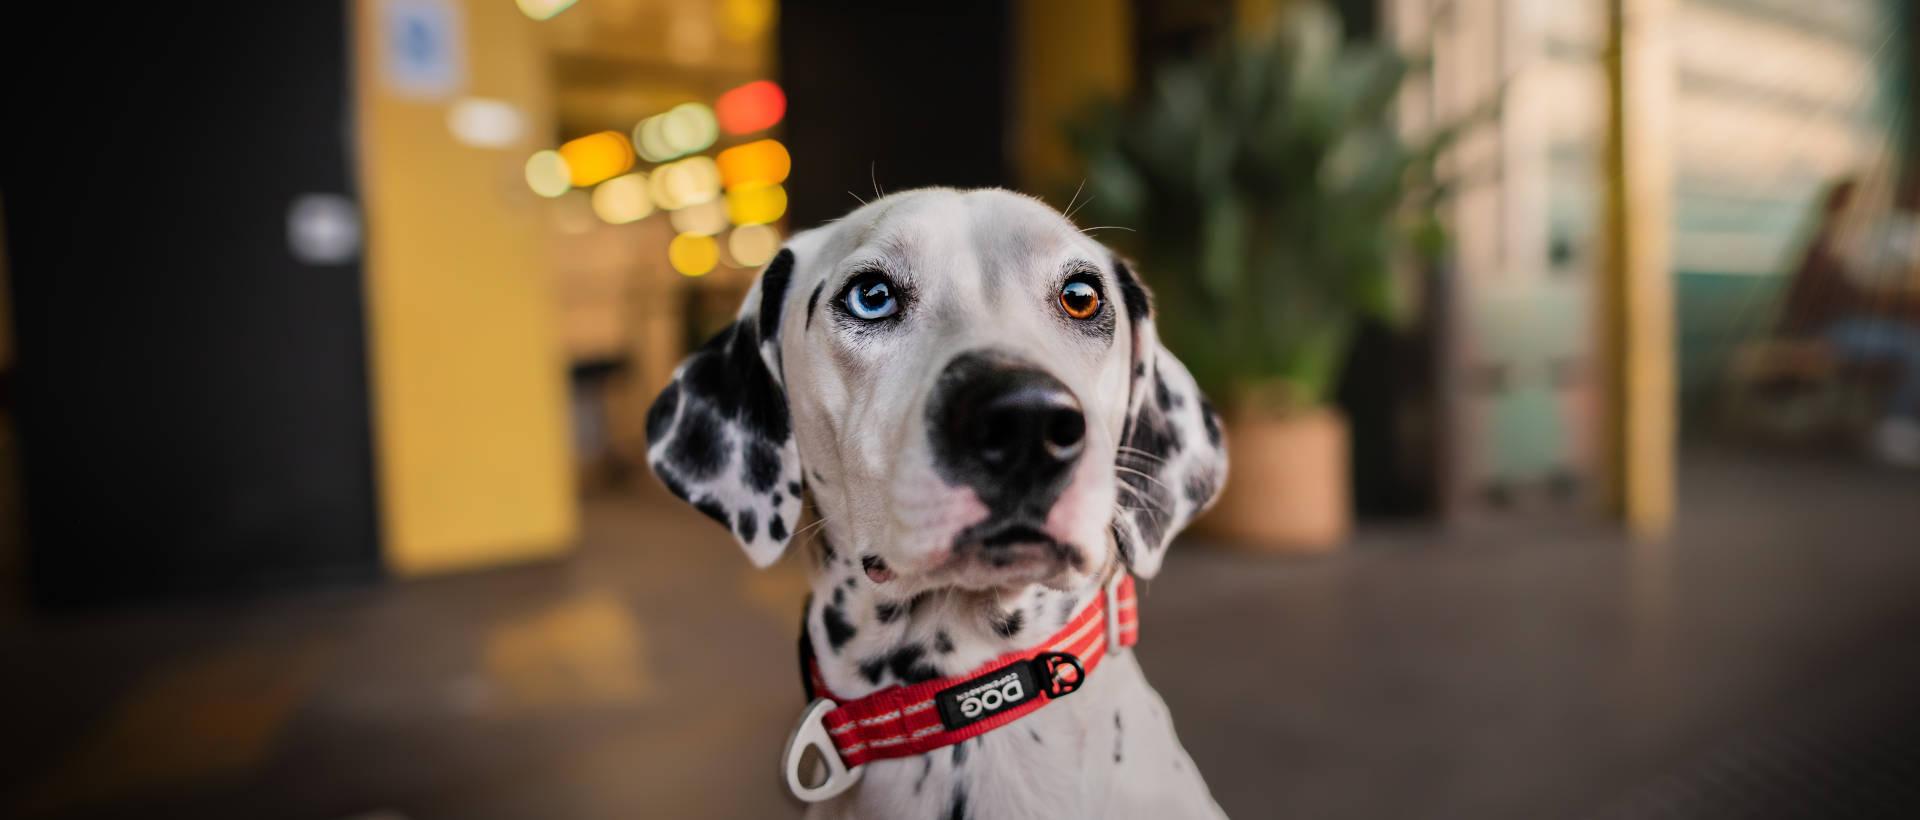 Pet & Co 2018 - Evènement Animal University - Vivre et travailler dans le respect de l'animal